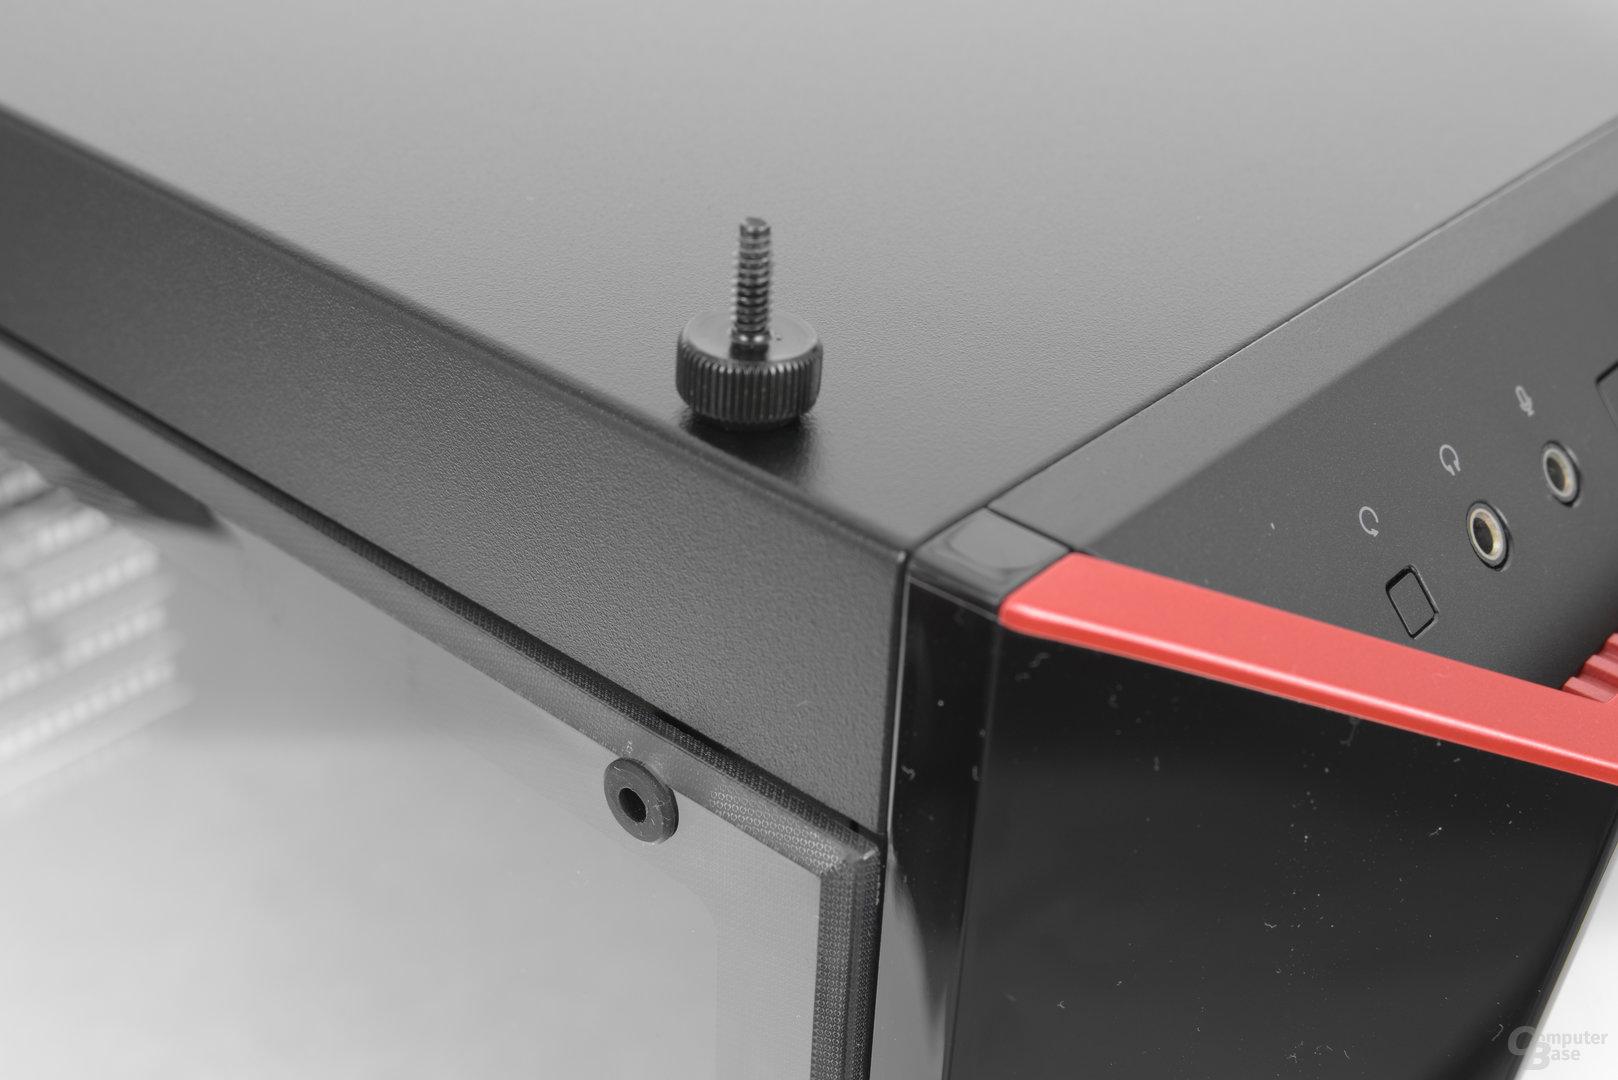 CoolerMaster MasterBox Lite 5 – Befestigung des Acrylfensters mittels Rändelschrauben